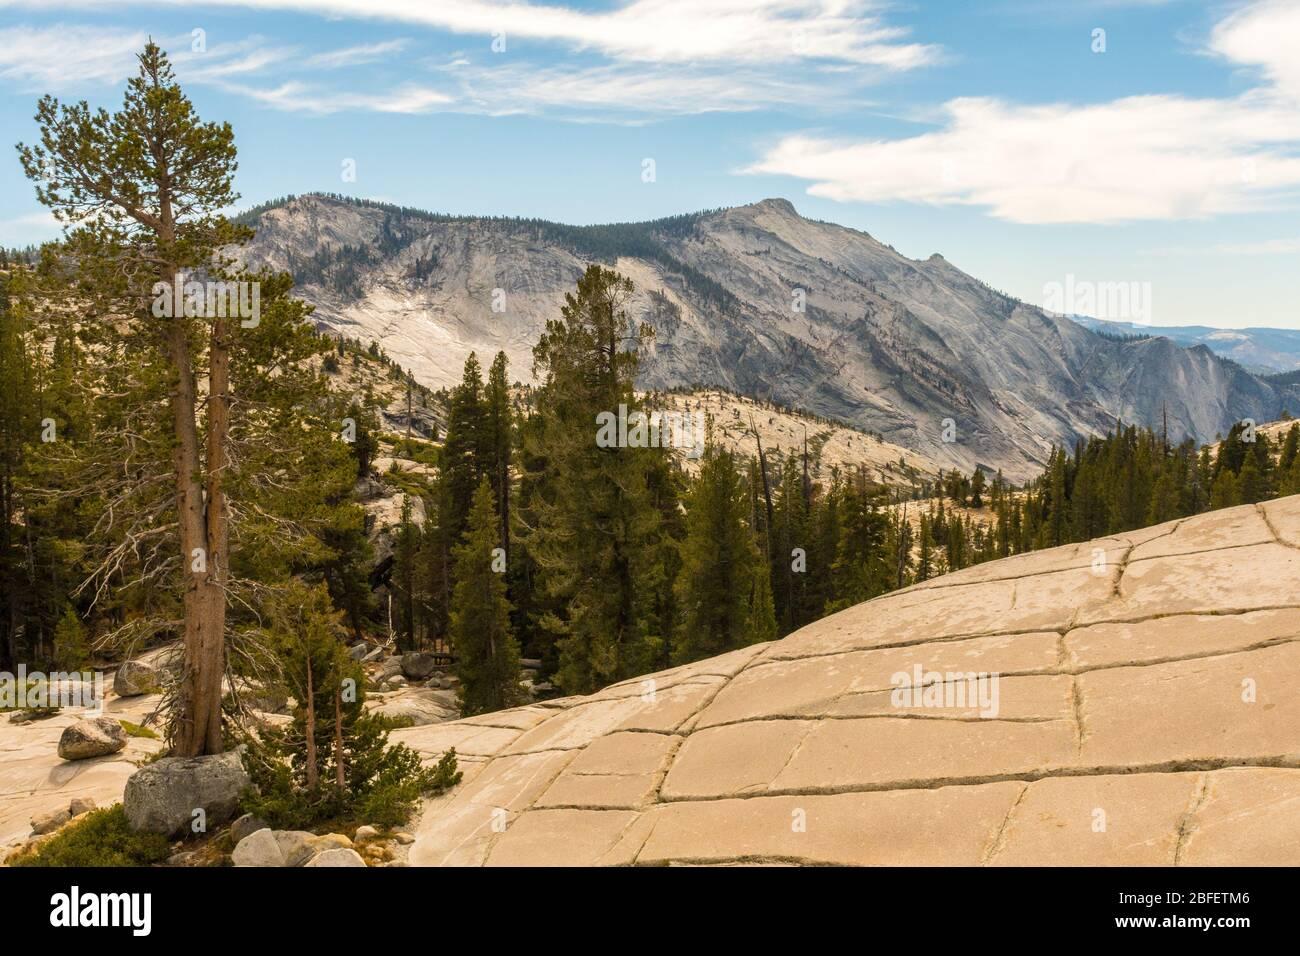 Vue depuis Olmsted point de l'environnement naturel du parc national de Yosemite, Californie, États-Unis Banque D'Images